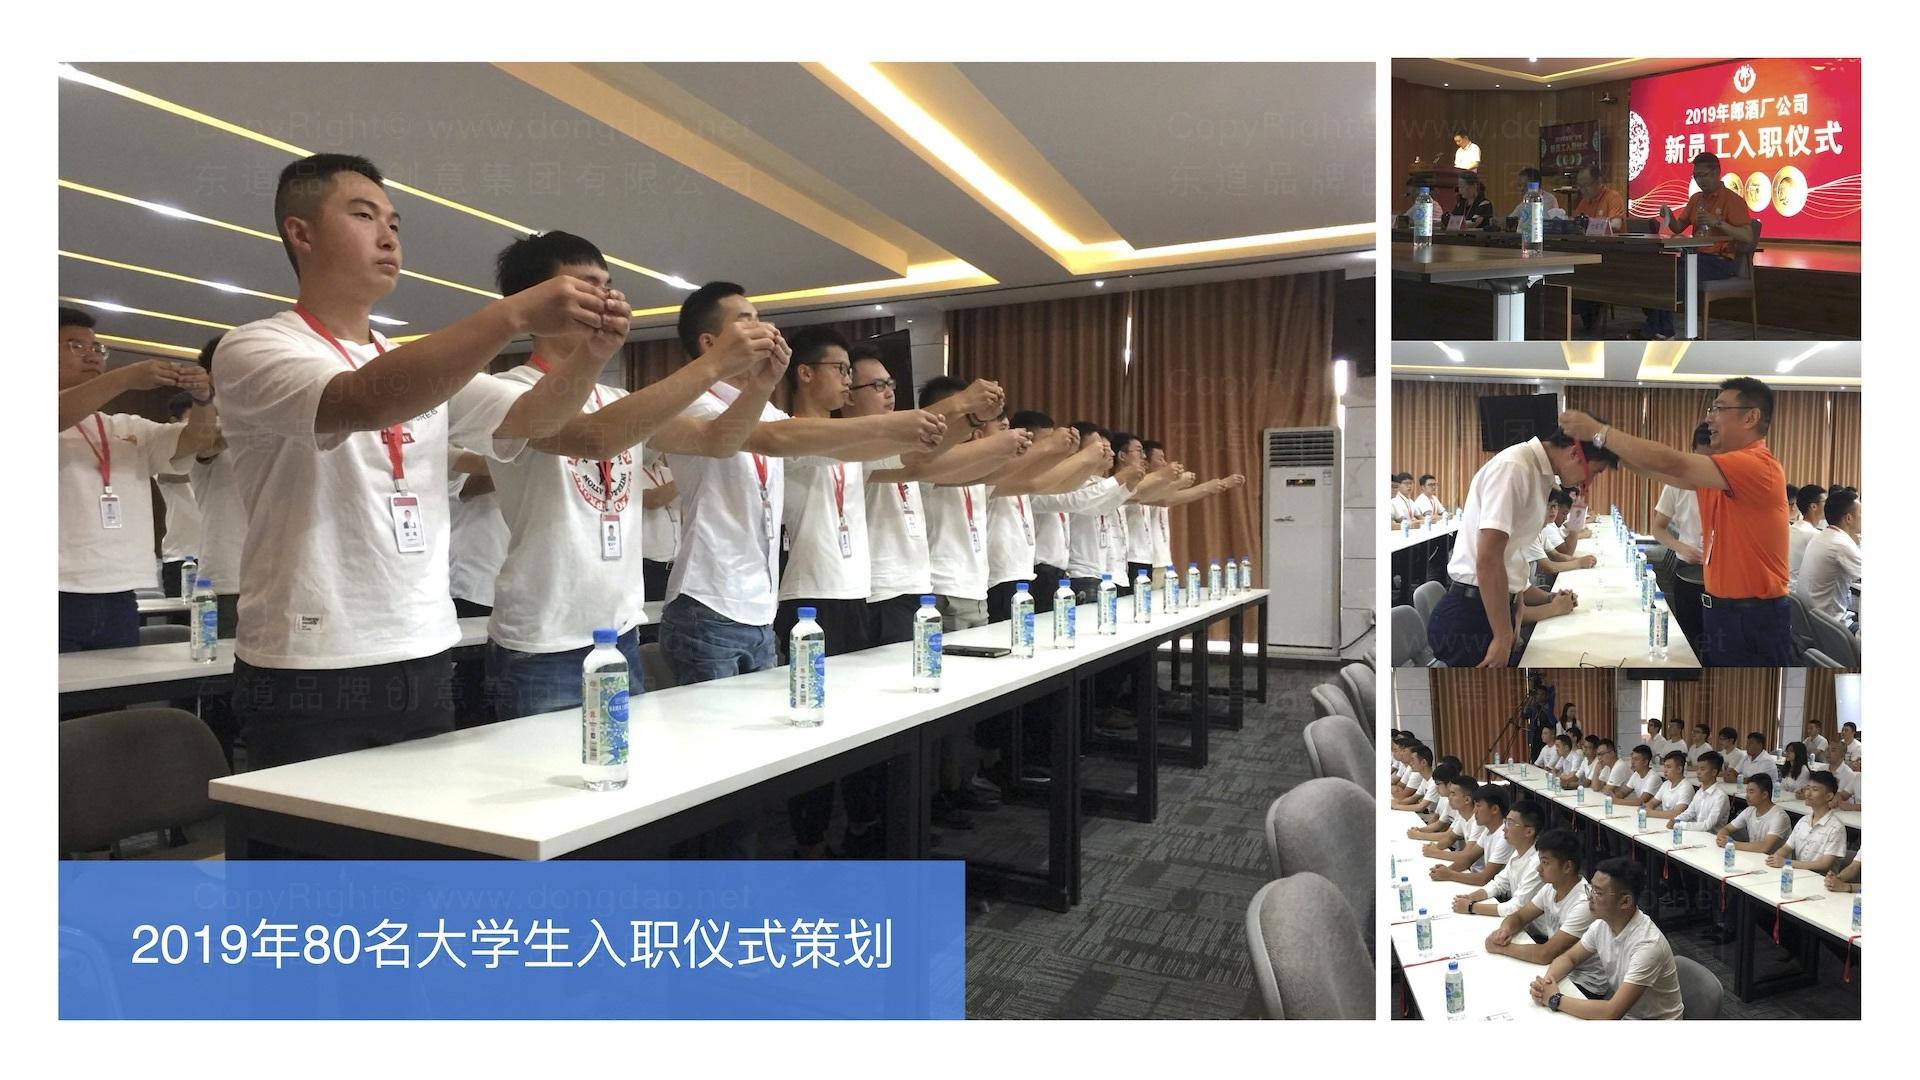 品牌战略&企业文化郎酒企业文化体系方案应用场景_45